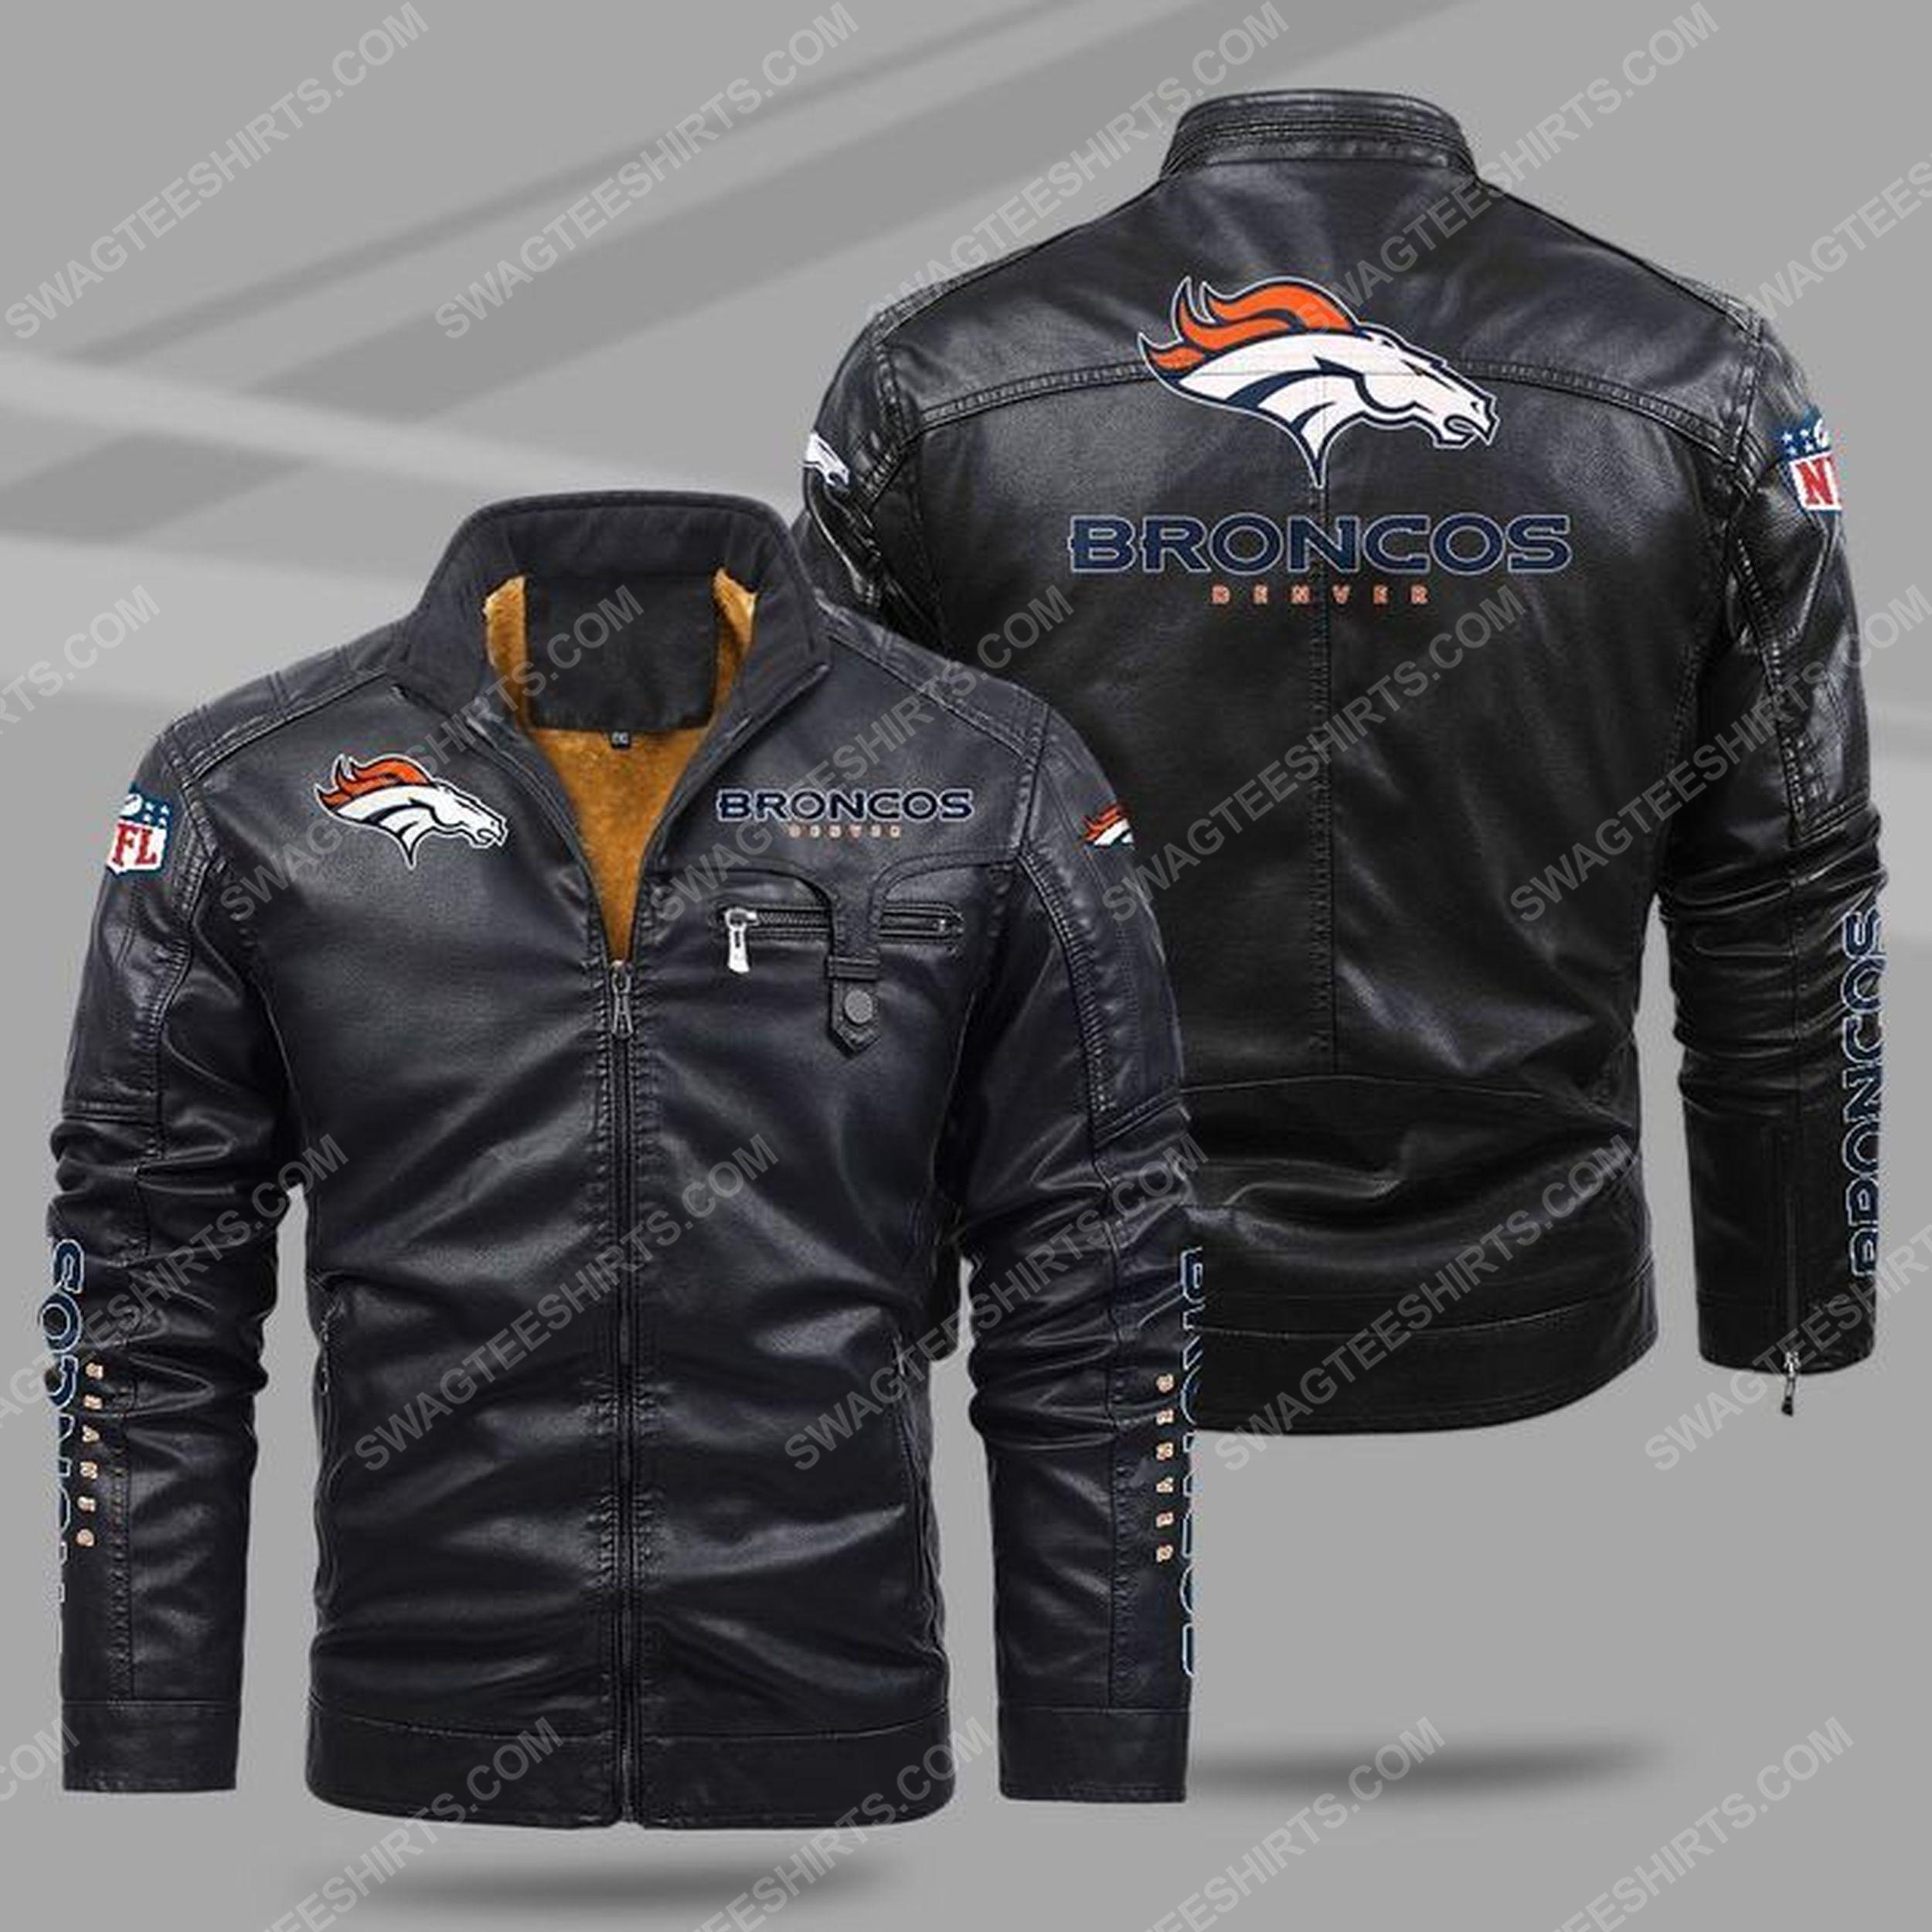 The denver broncos nfl all over print fleece leather jacket - black 1